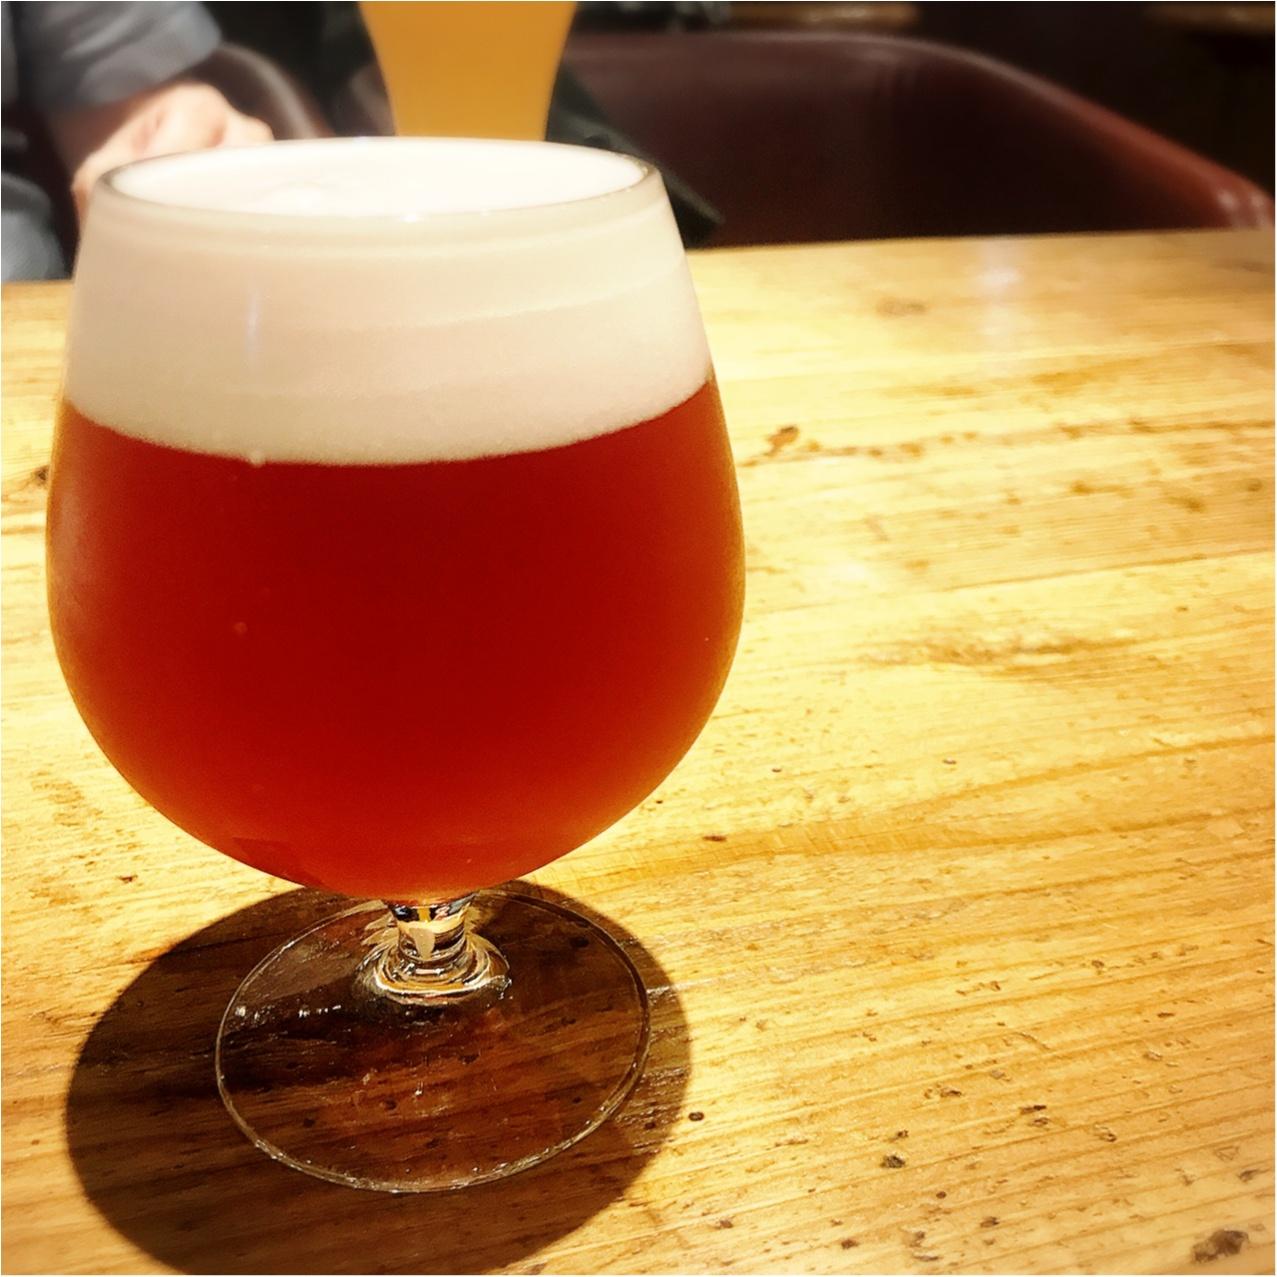 【北千住グルメ】ビール好き必見!「さかづきBrewing」の自家製クラフトビール♡_2